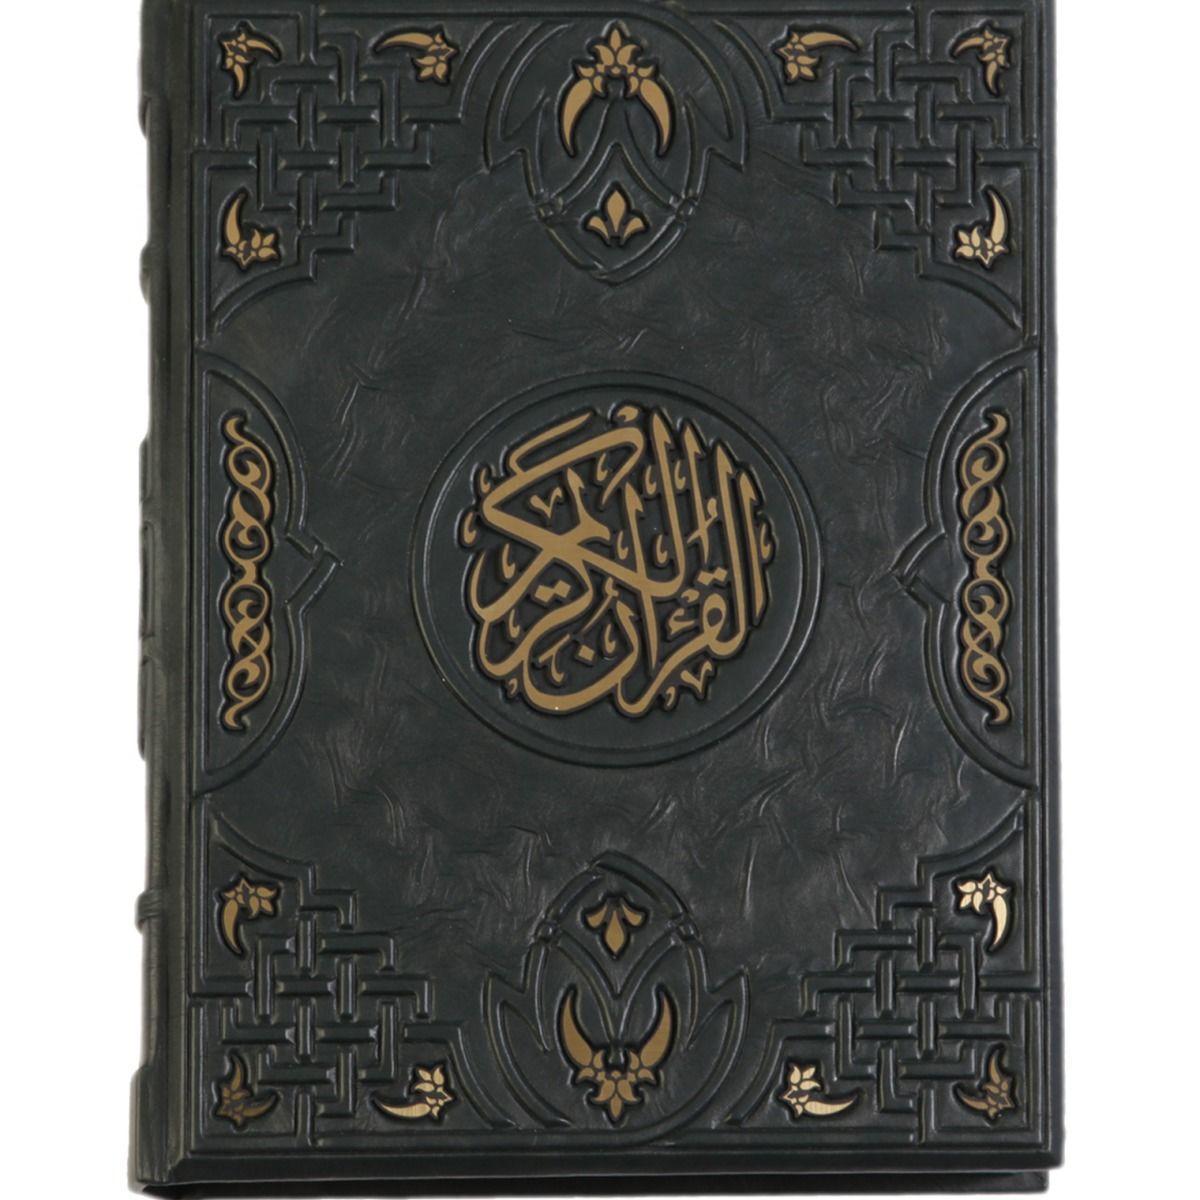 Коран великий російською мовою в перекладі Османова в шкіряній палітурці з елементами гравірування (М1)